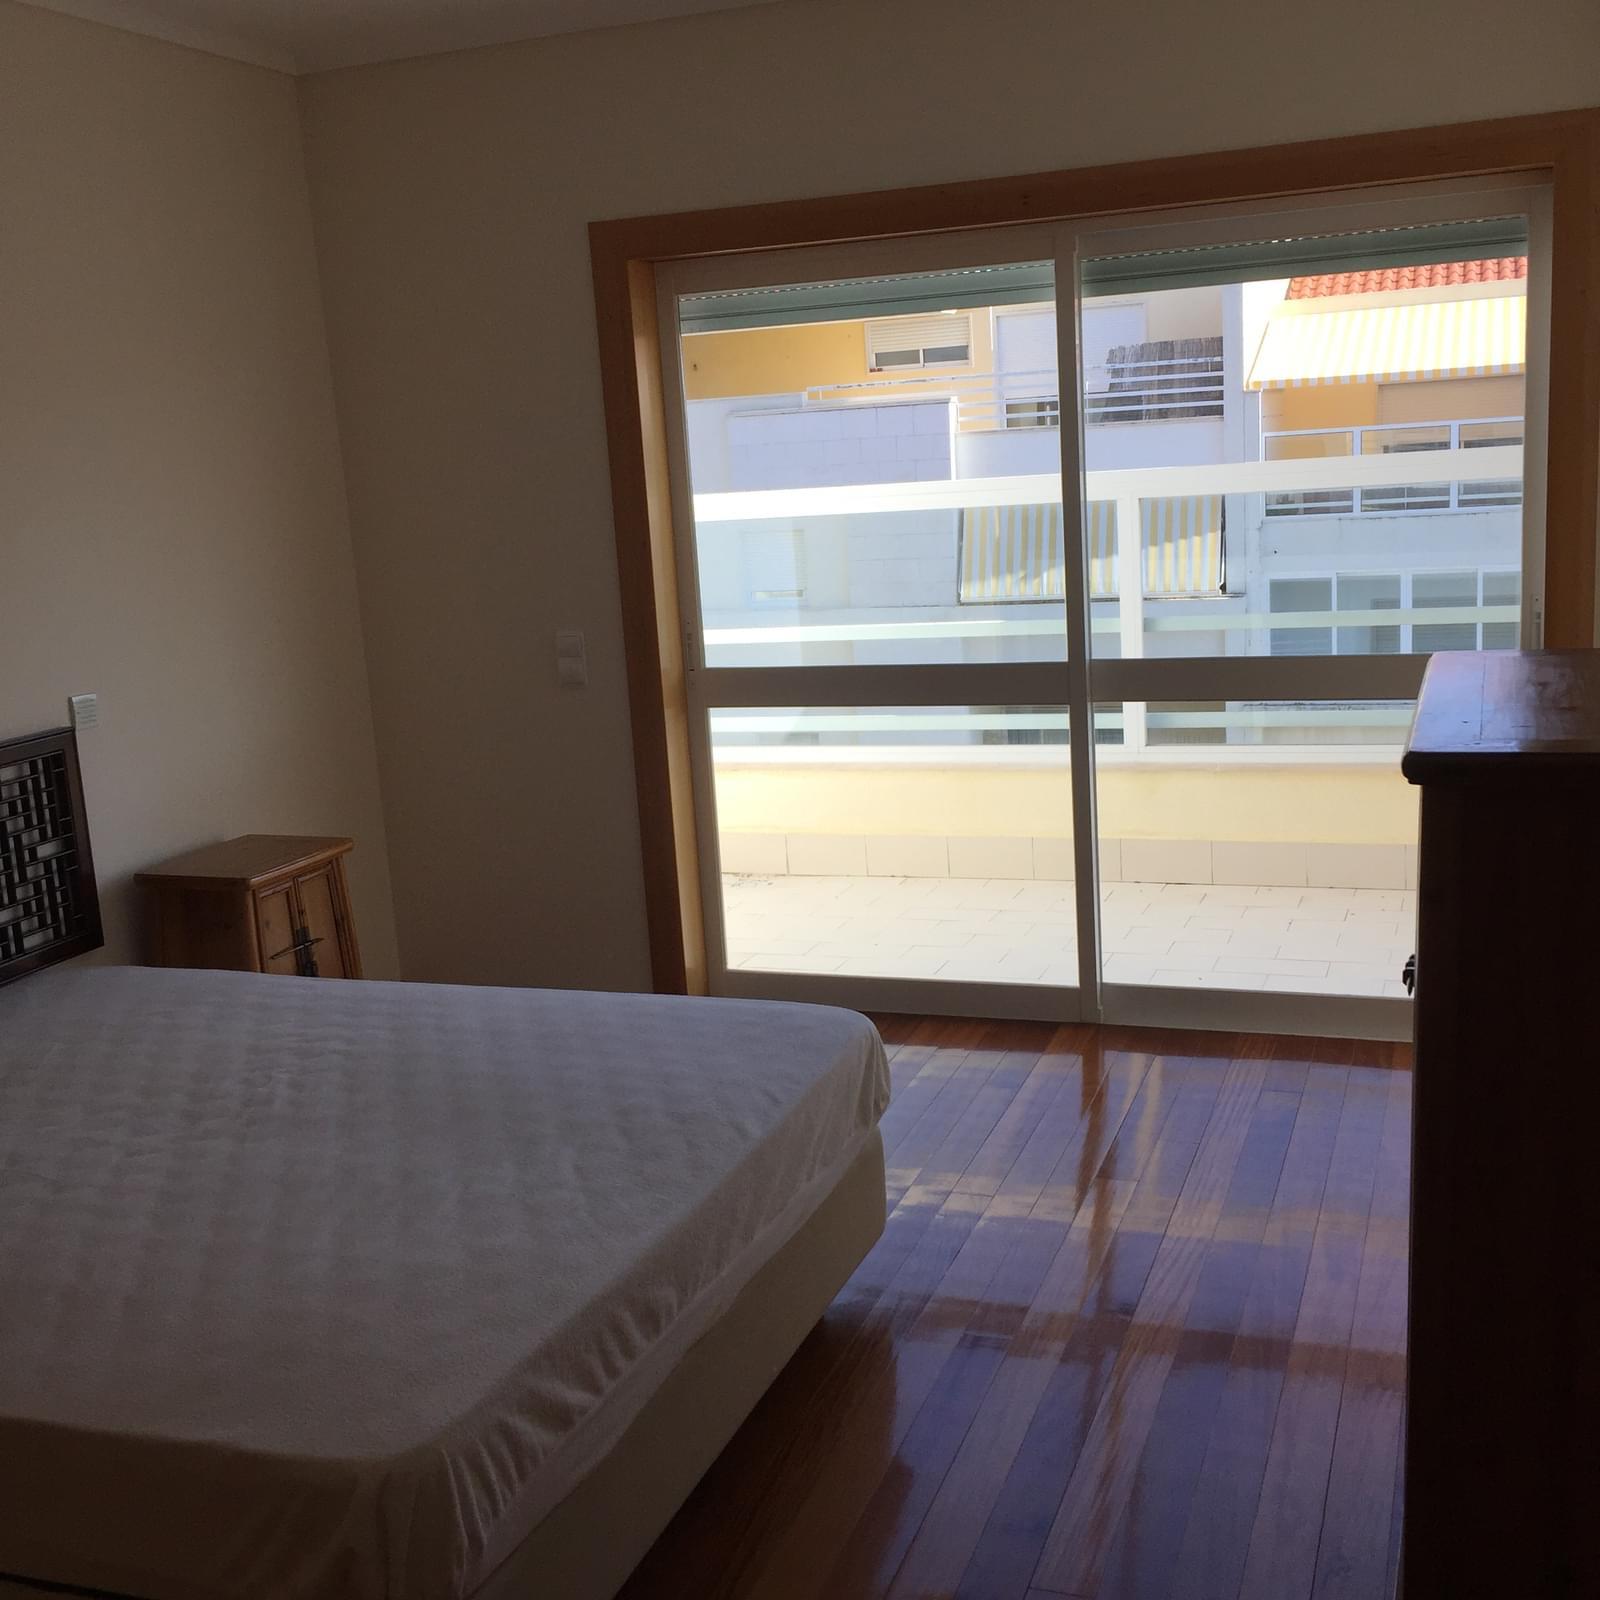 pf18450-apartamento-t3-cascais-37019526-33cc-445e-a02d-602e0c69d793